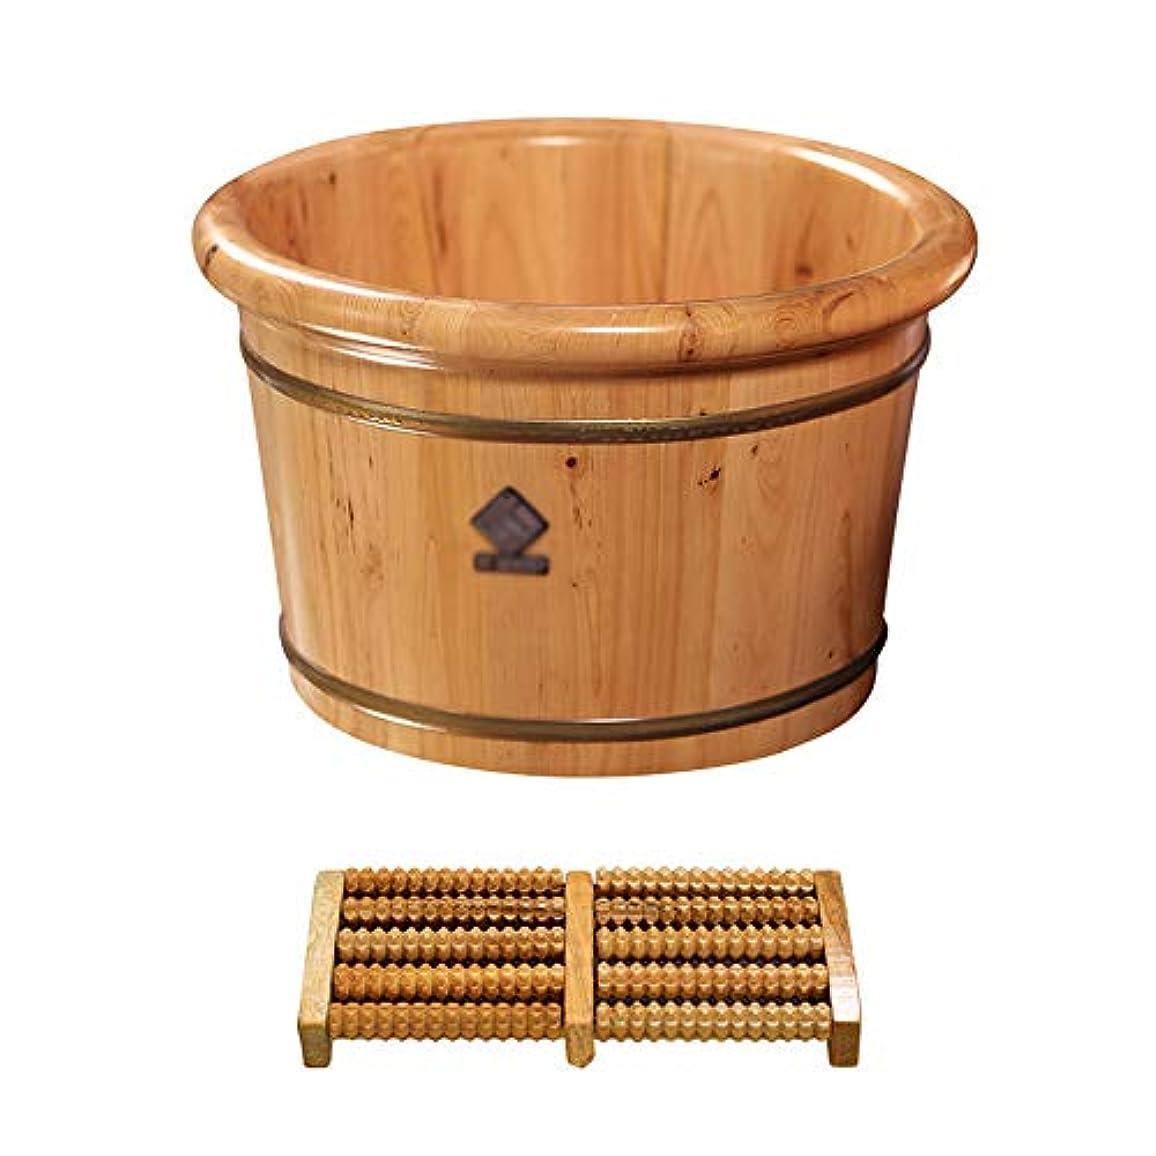 各発疹お別れヒマラヤスギ足浴バレル、厚くした足浴バレル、家庭用足浴、小さな浴槽、木製足浴バレル,E